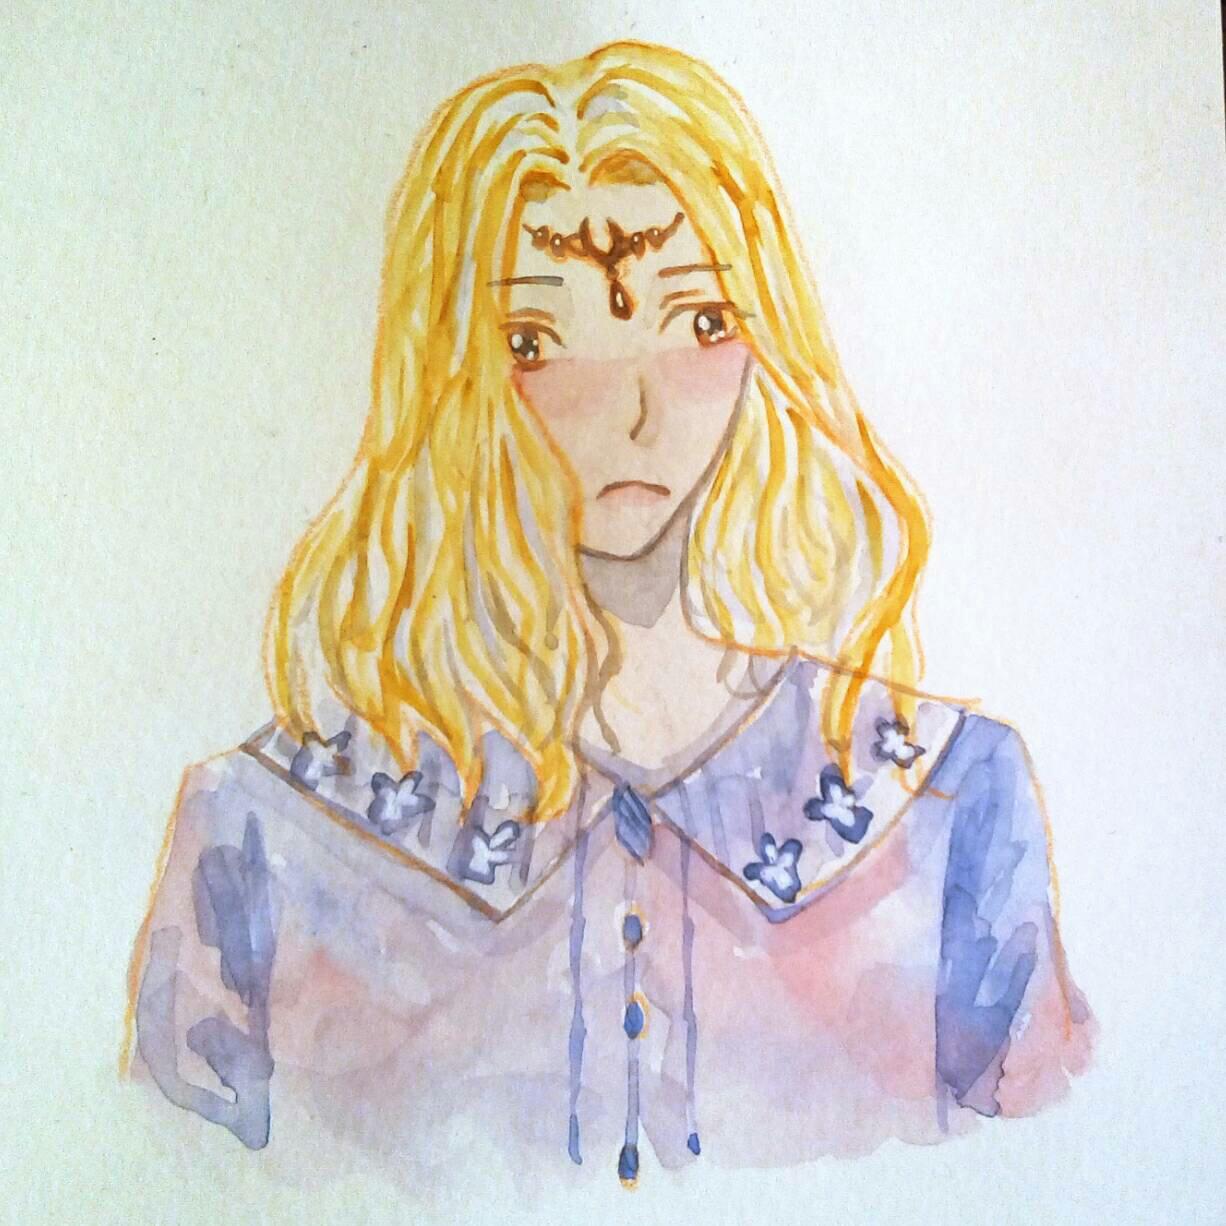 【大触团】画个圣女小姐姐做头像